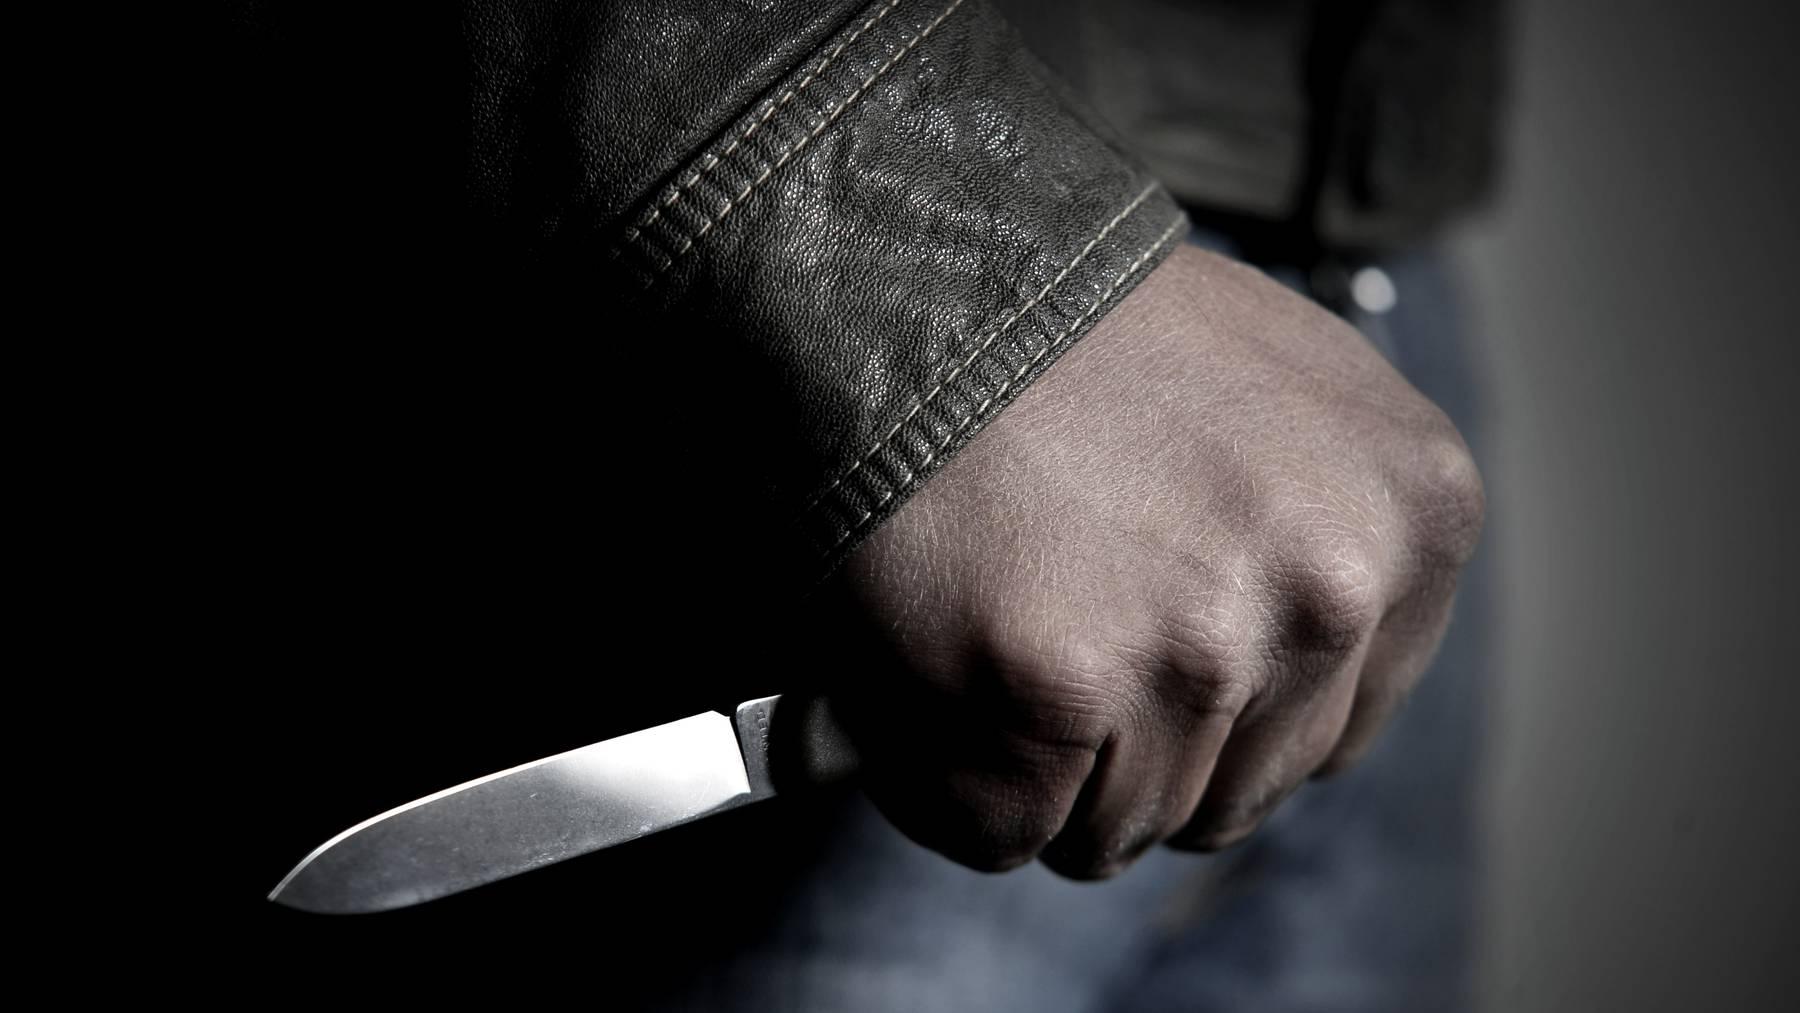 Mann sticht mit Messer auf Partnerin ein